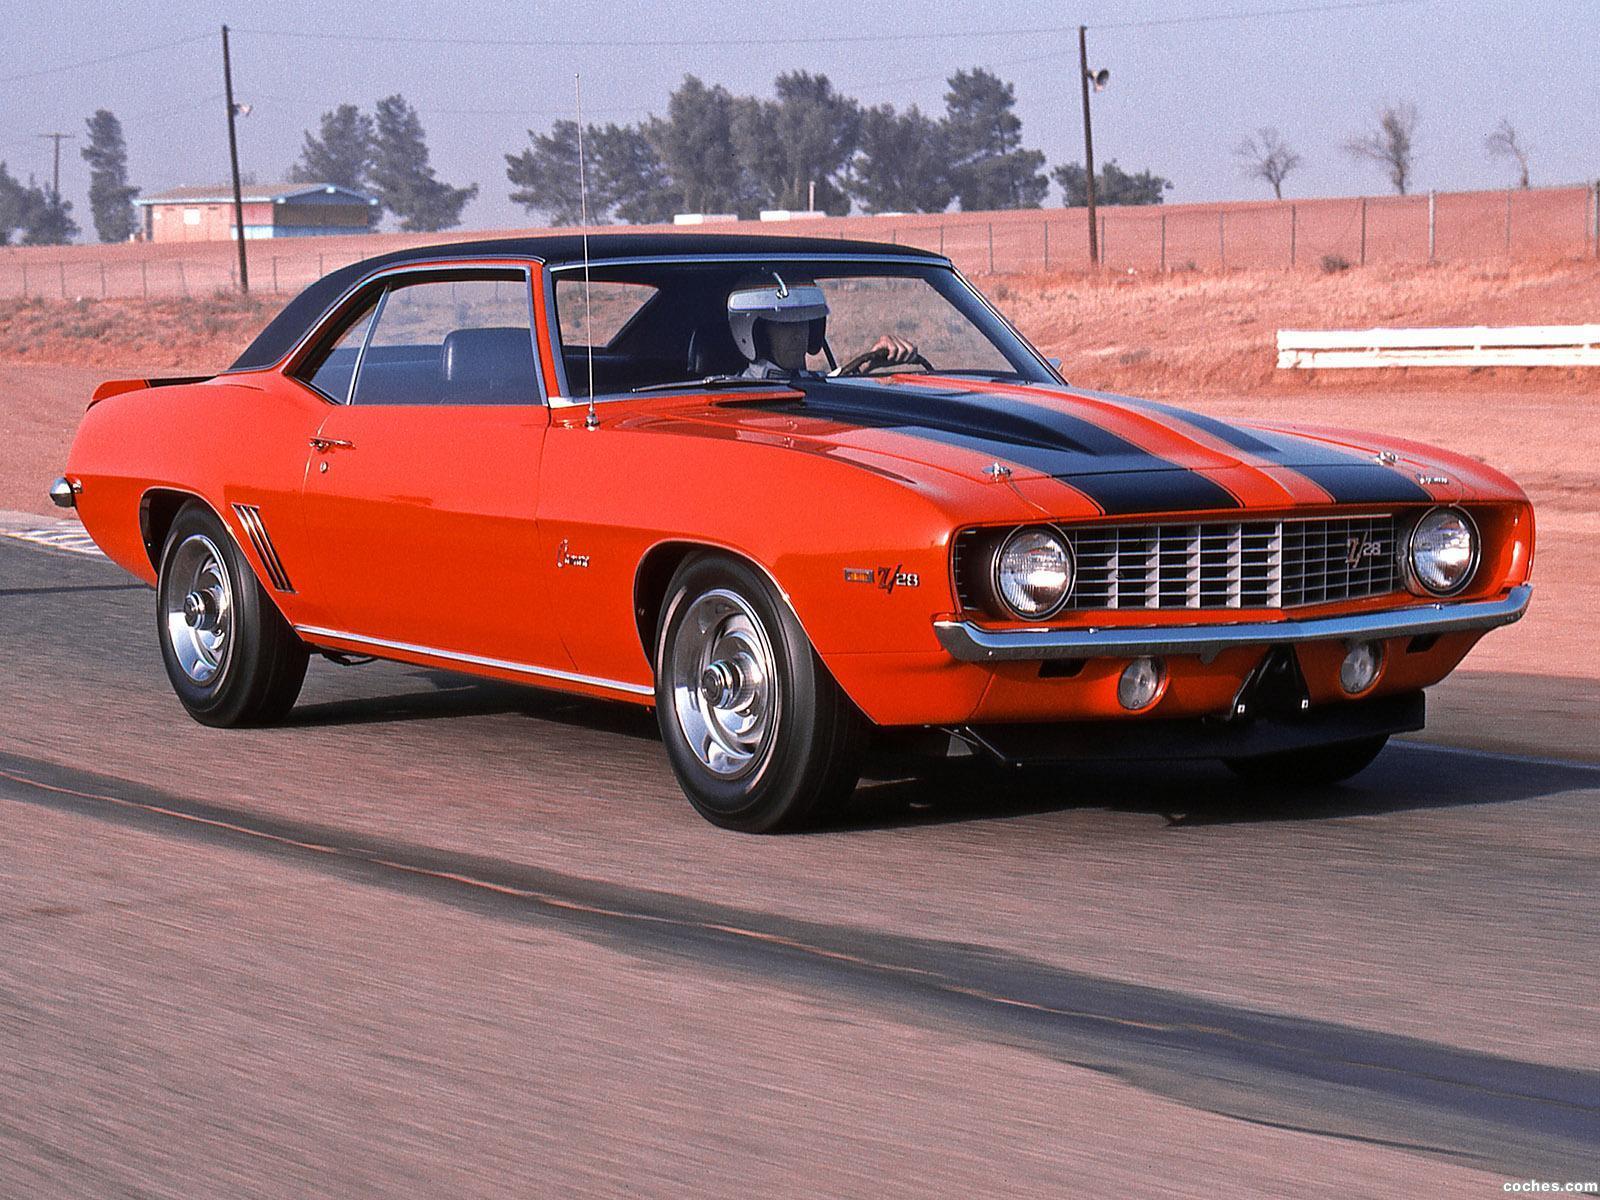 Foto 0 de Chevrolet Camaro Z28 1969